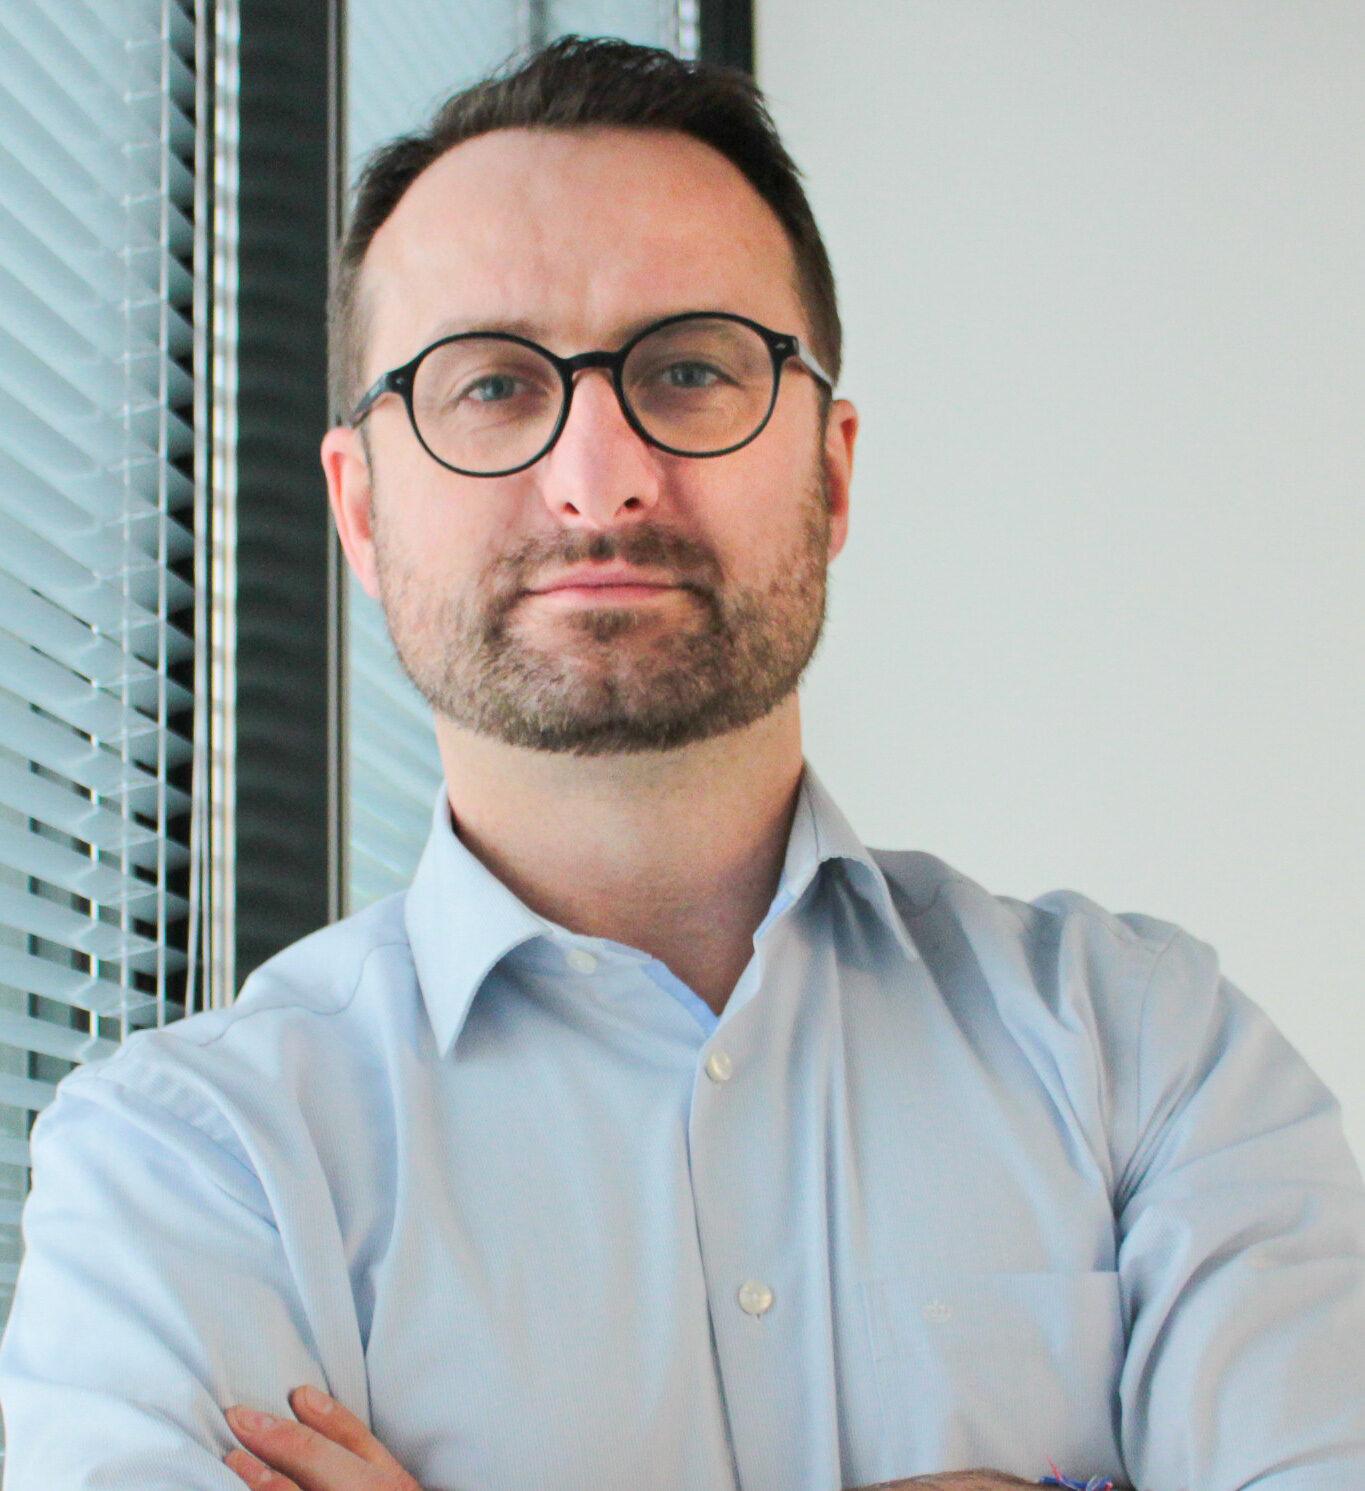 Łukasz Wójcik - dyrektor marketingu MMC Car Poland, generalnego dystrybutora marki Mitsubishi w Polsce